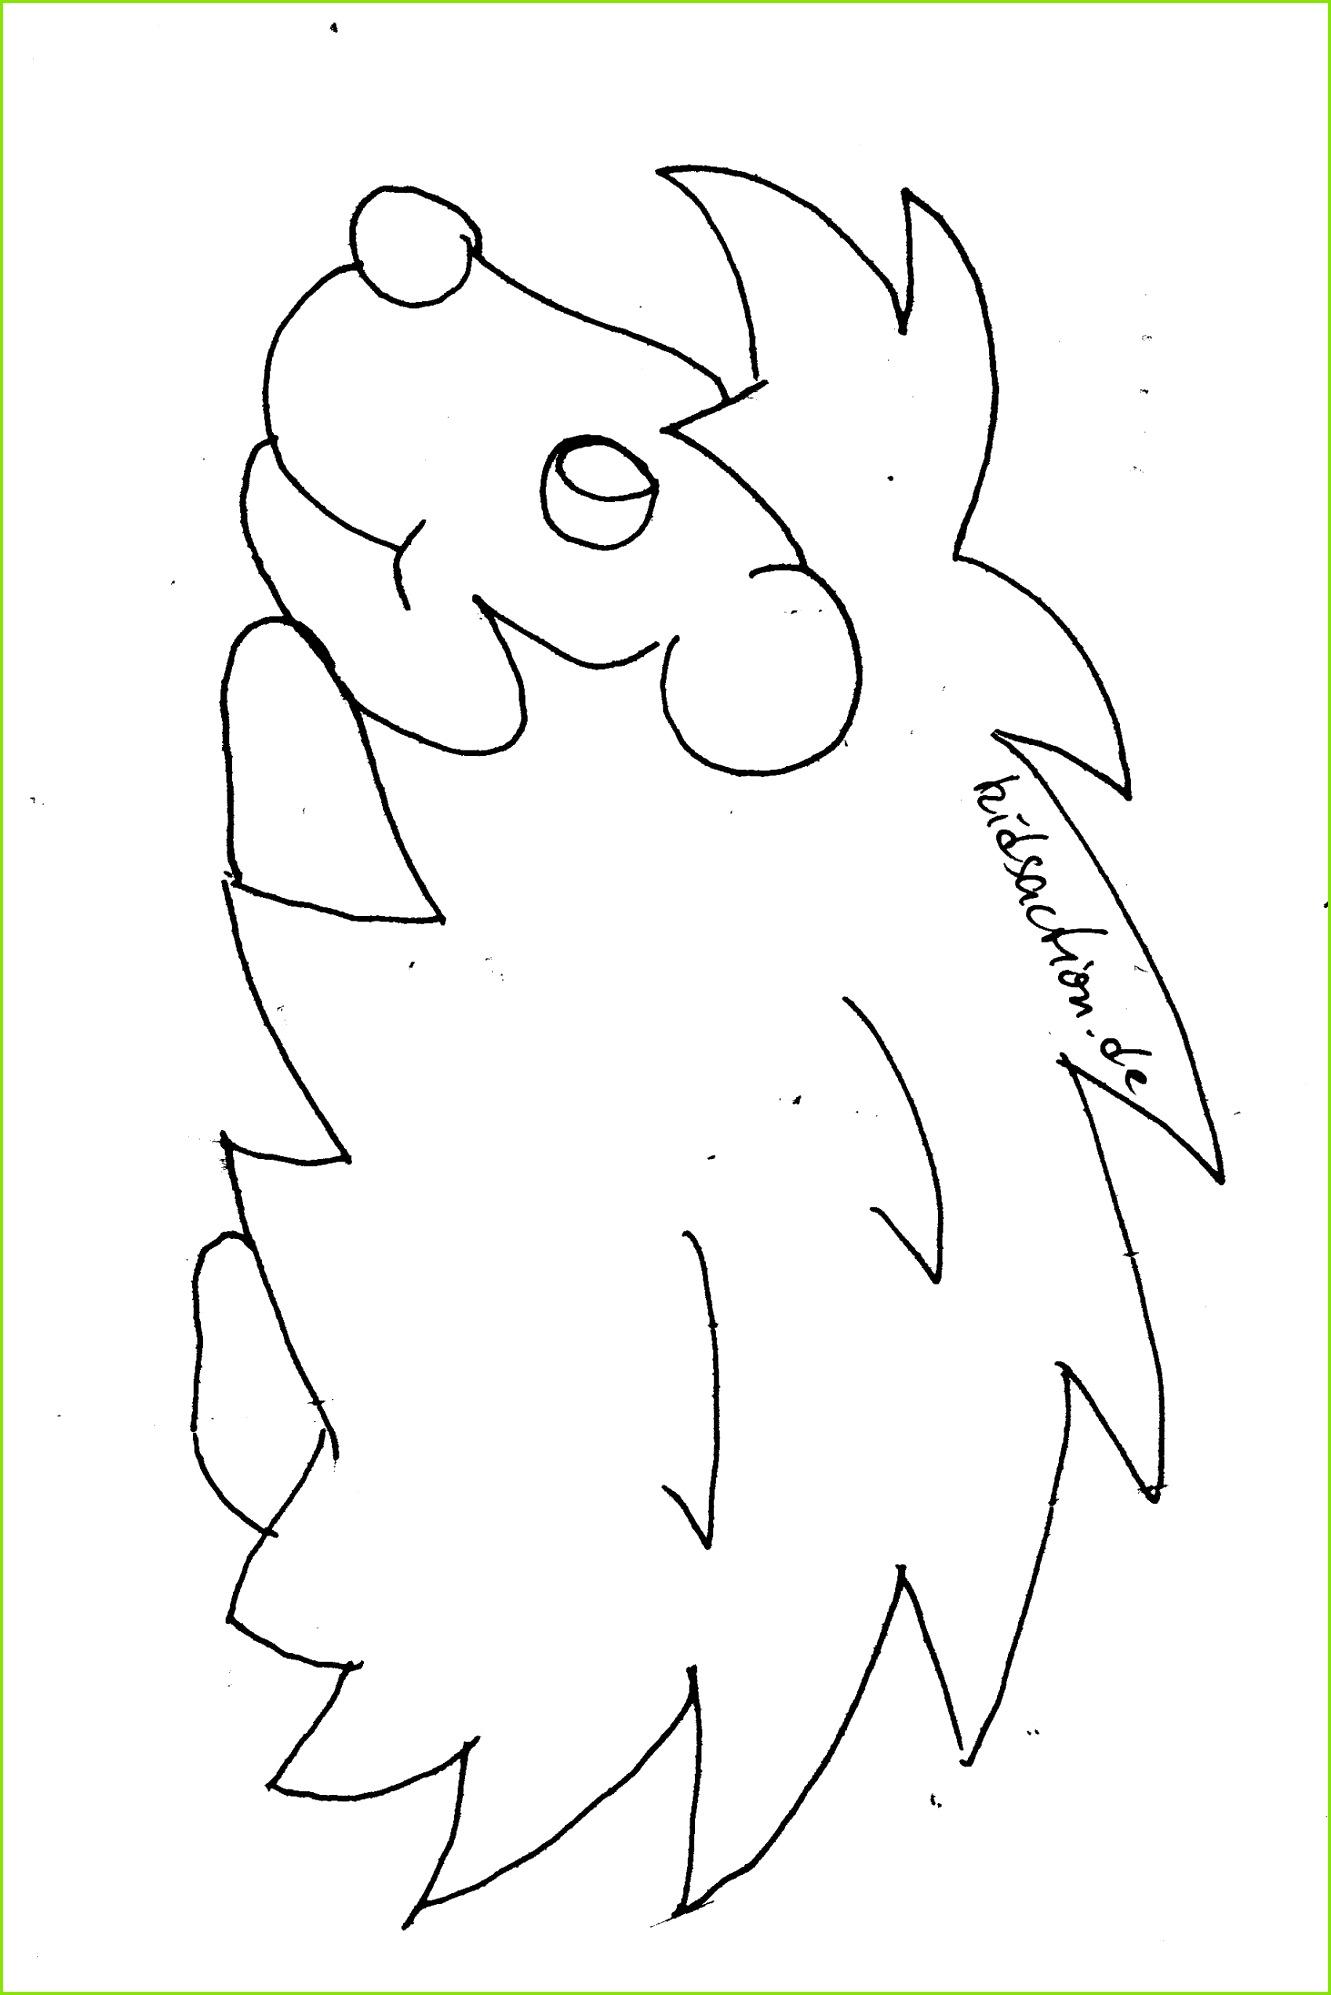 Malvorlagen Igel Elegant Igel Grundschule 0d Archives Uploadertalk Design Von Bastelvorlagen Weihnachten Ausdrucken